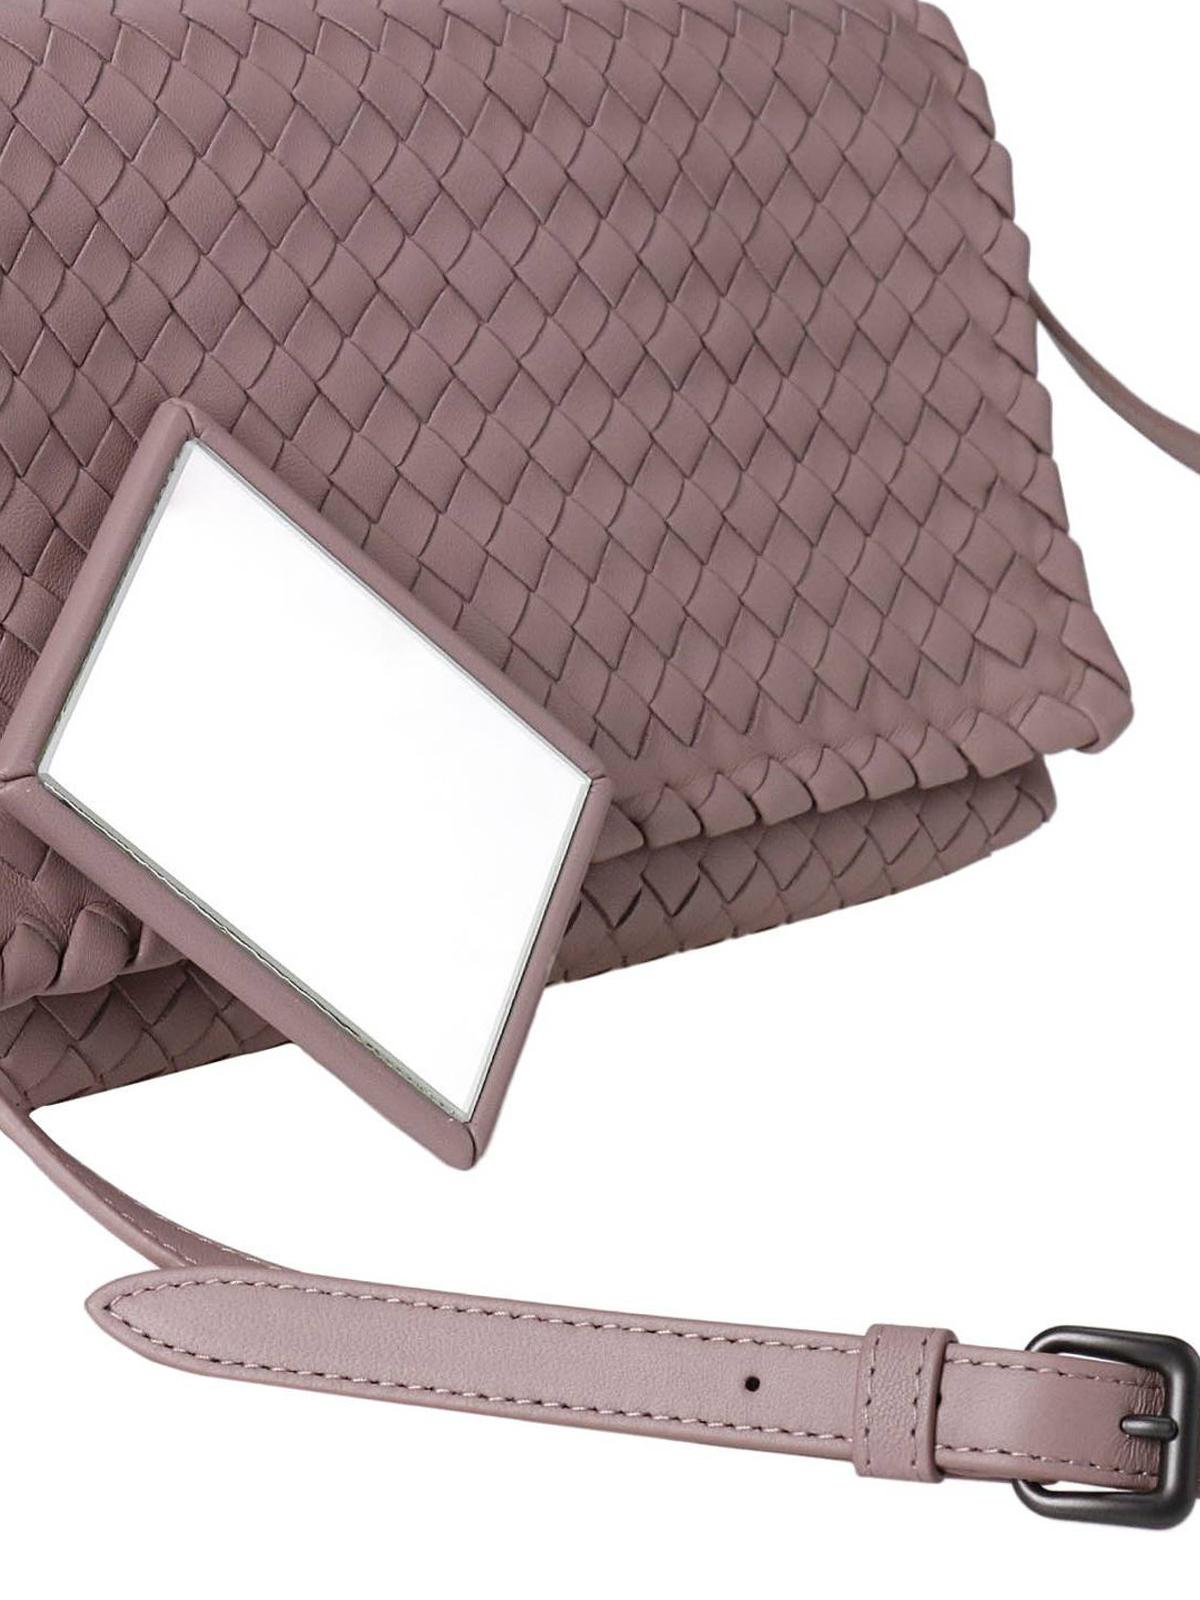 307ea1ecab4f Bottega Veneta - Woven leather cross body bag - cross body bags ...